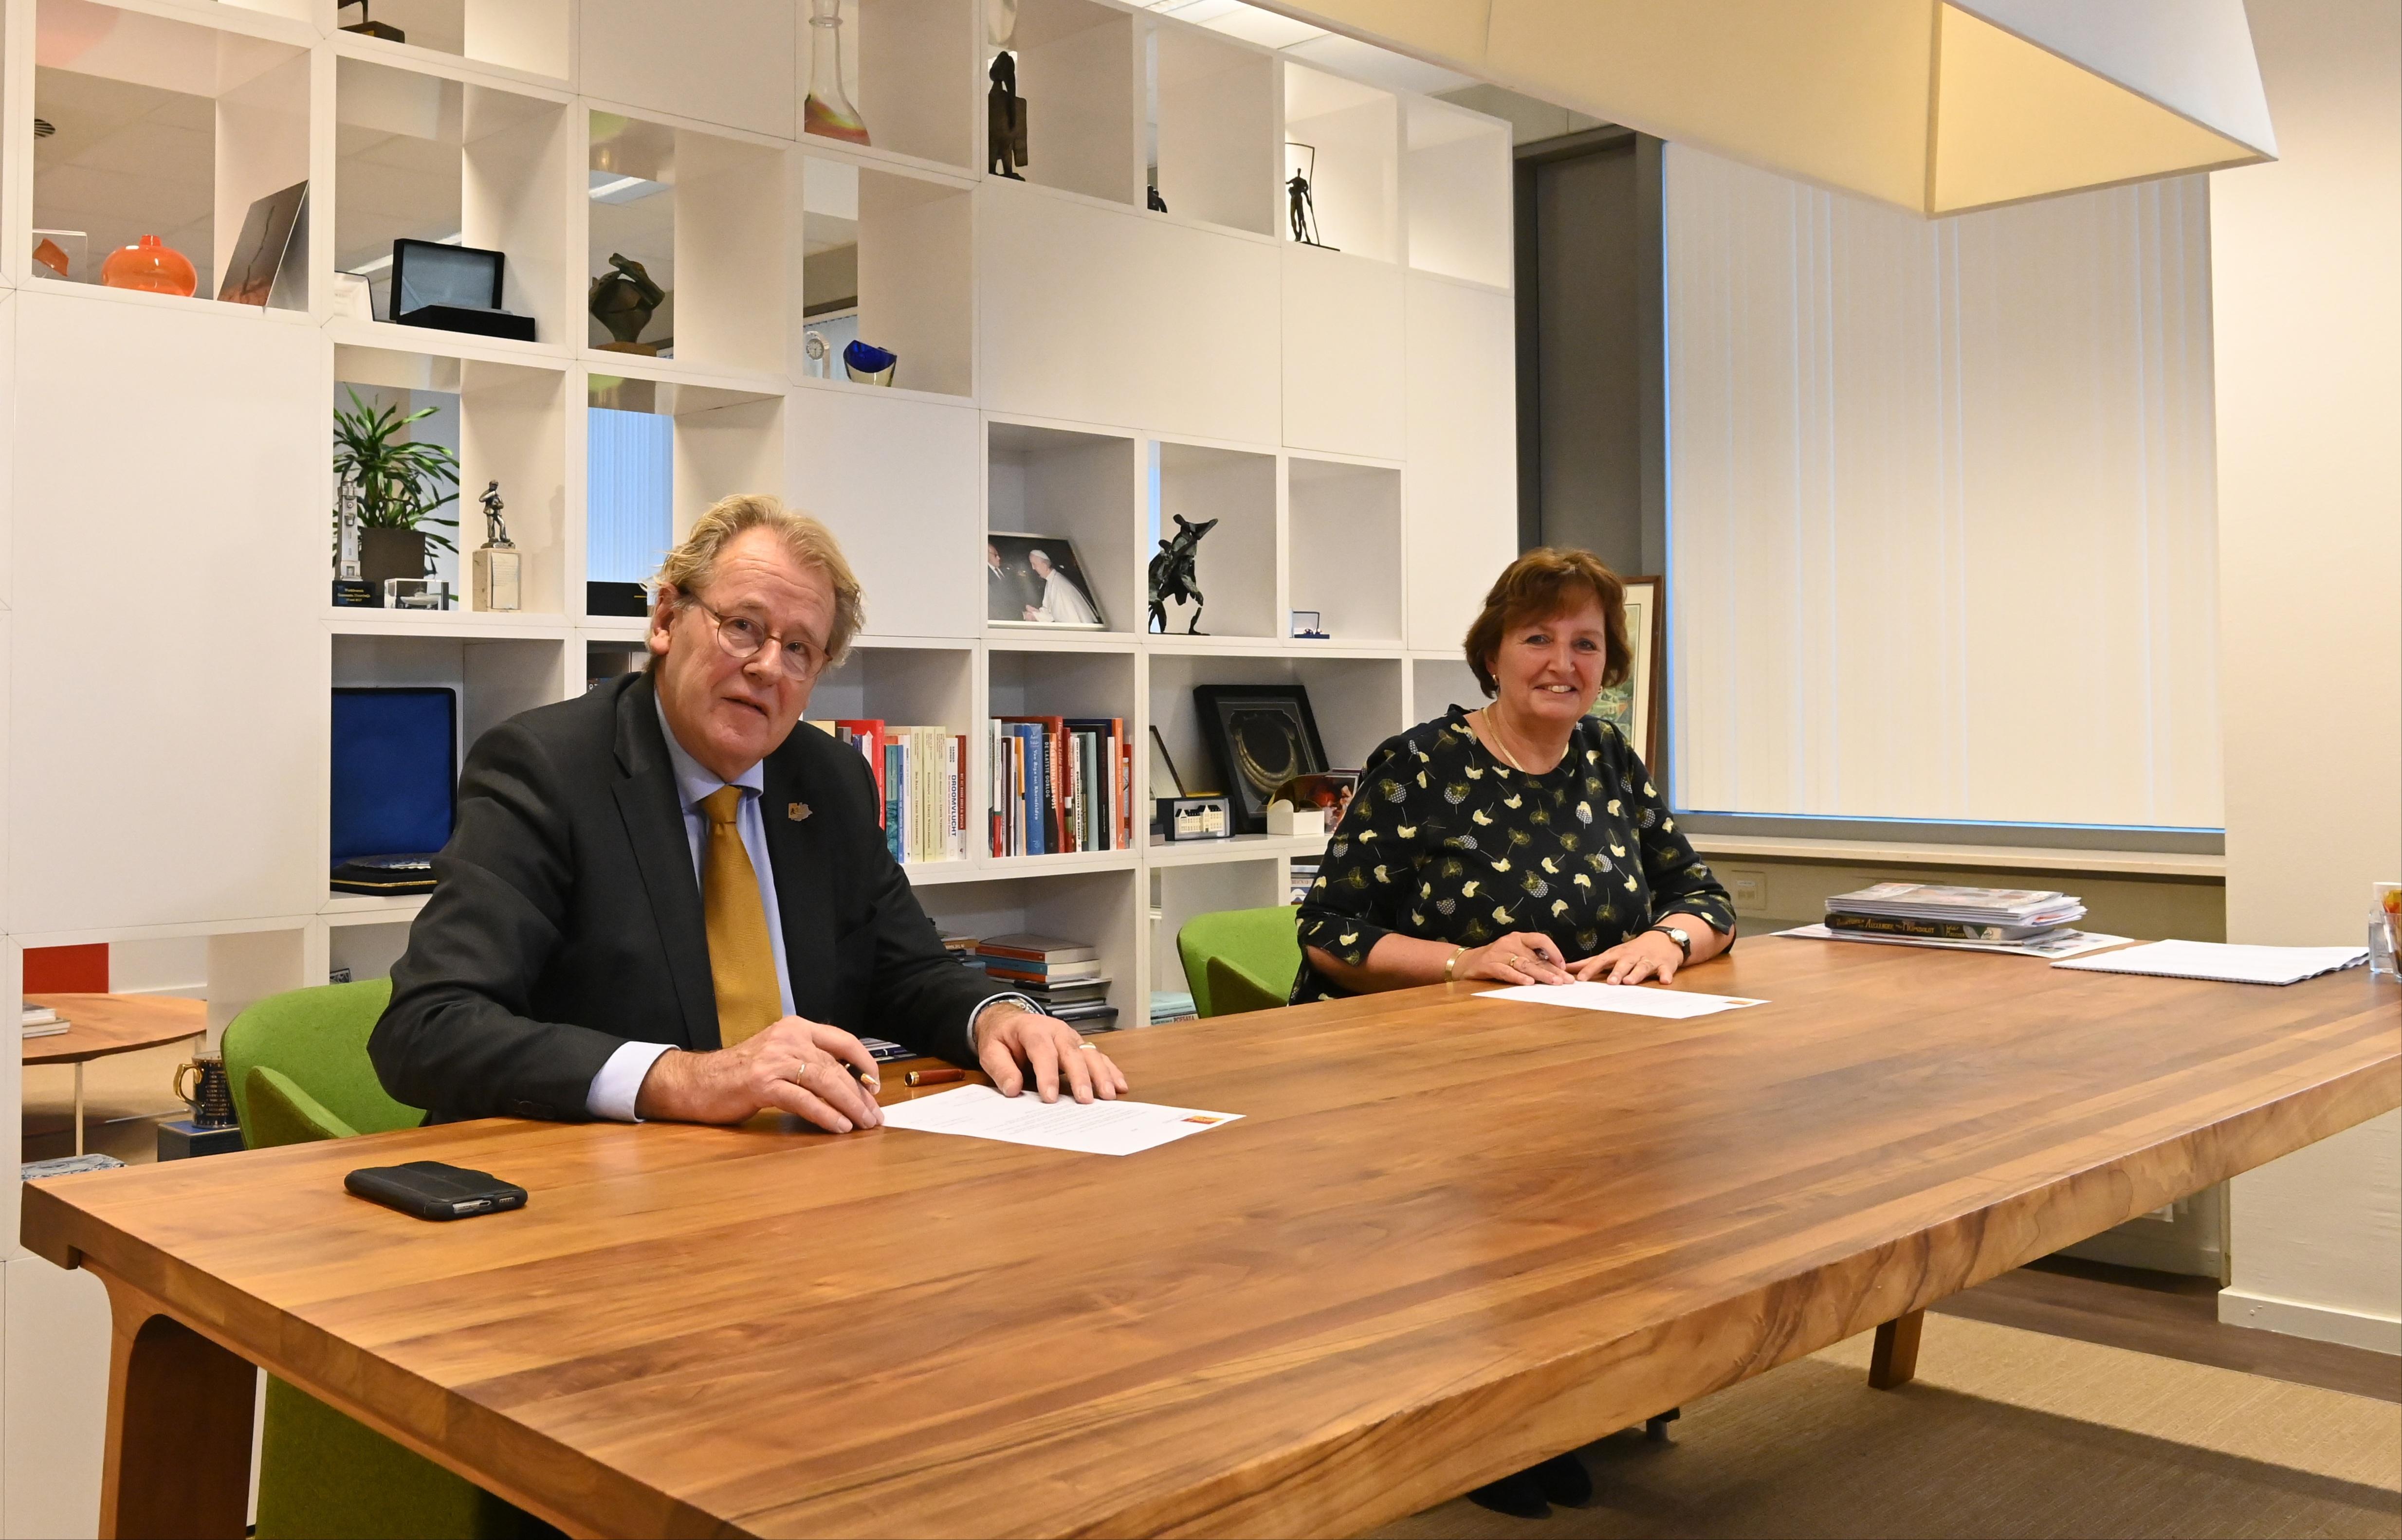 Herbenoeming burgemeester Liesbeth Spies is rond: tweede termijn in Alphen, tot eind 2026